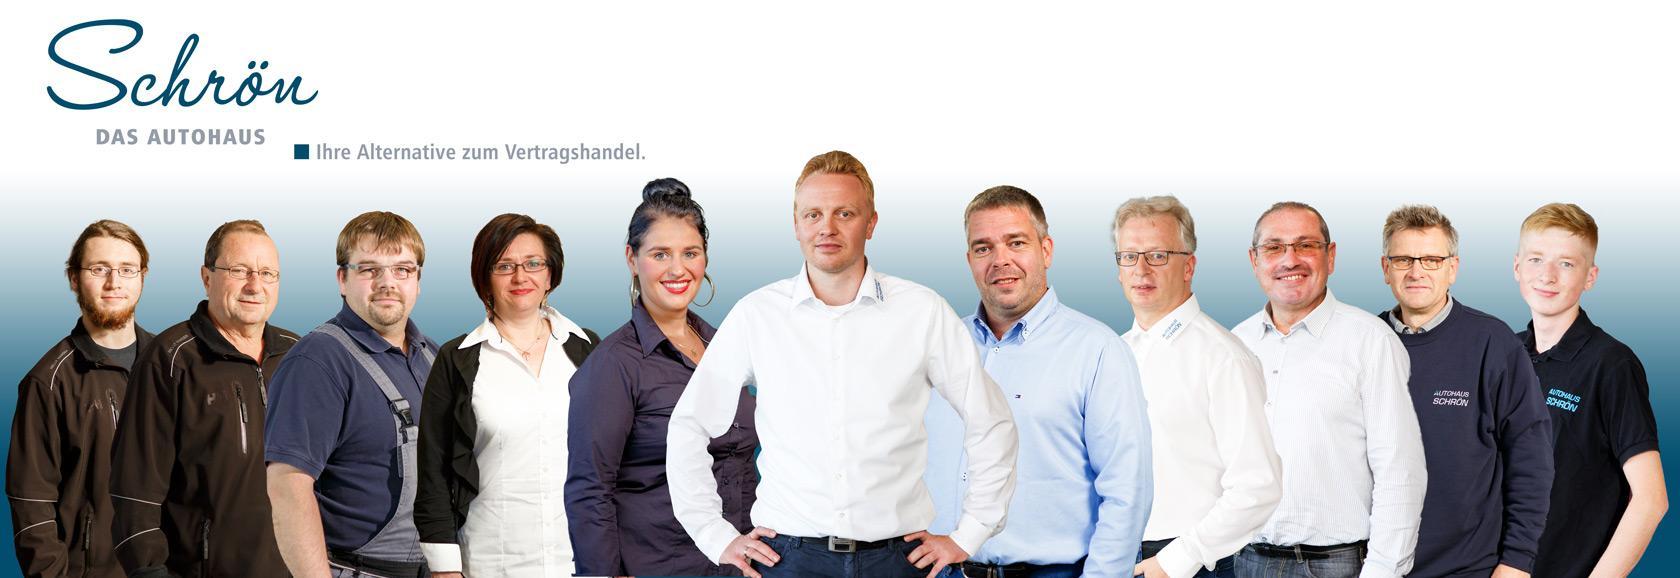 Autohaus Schrön GmbH - Team